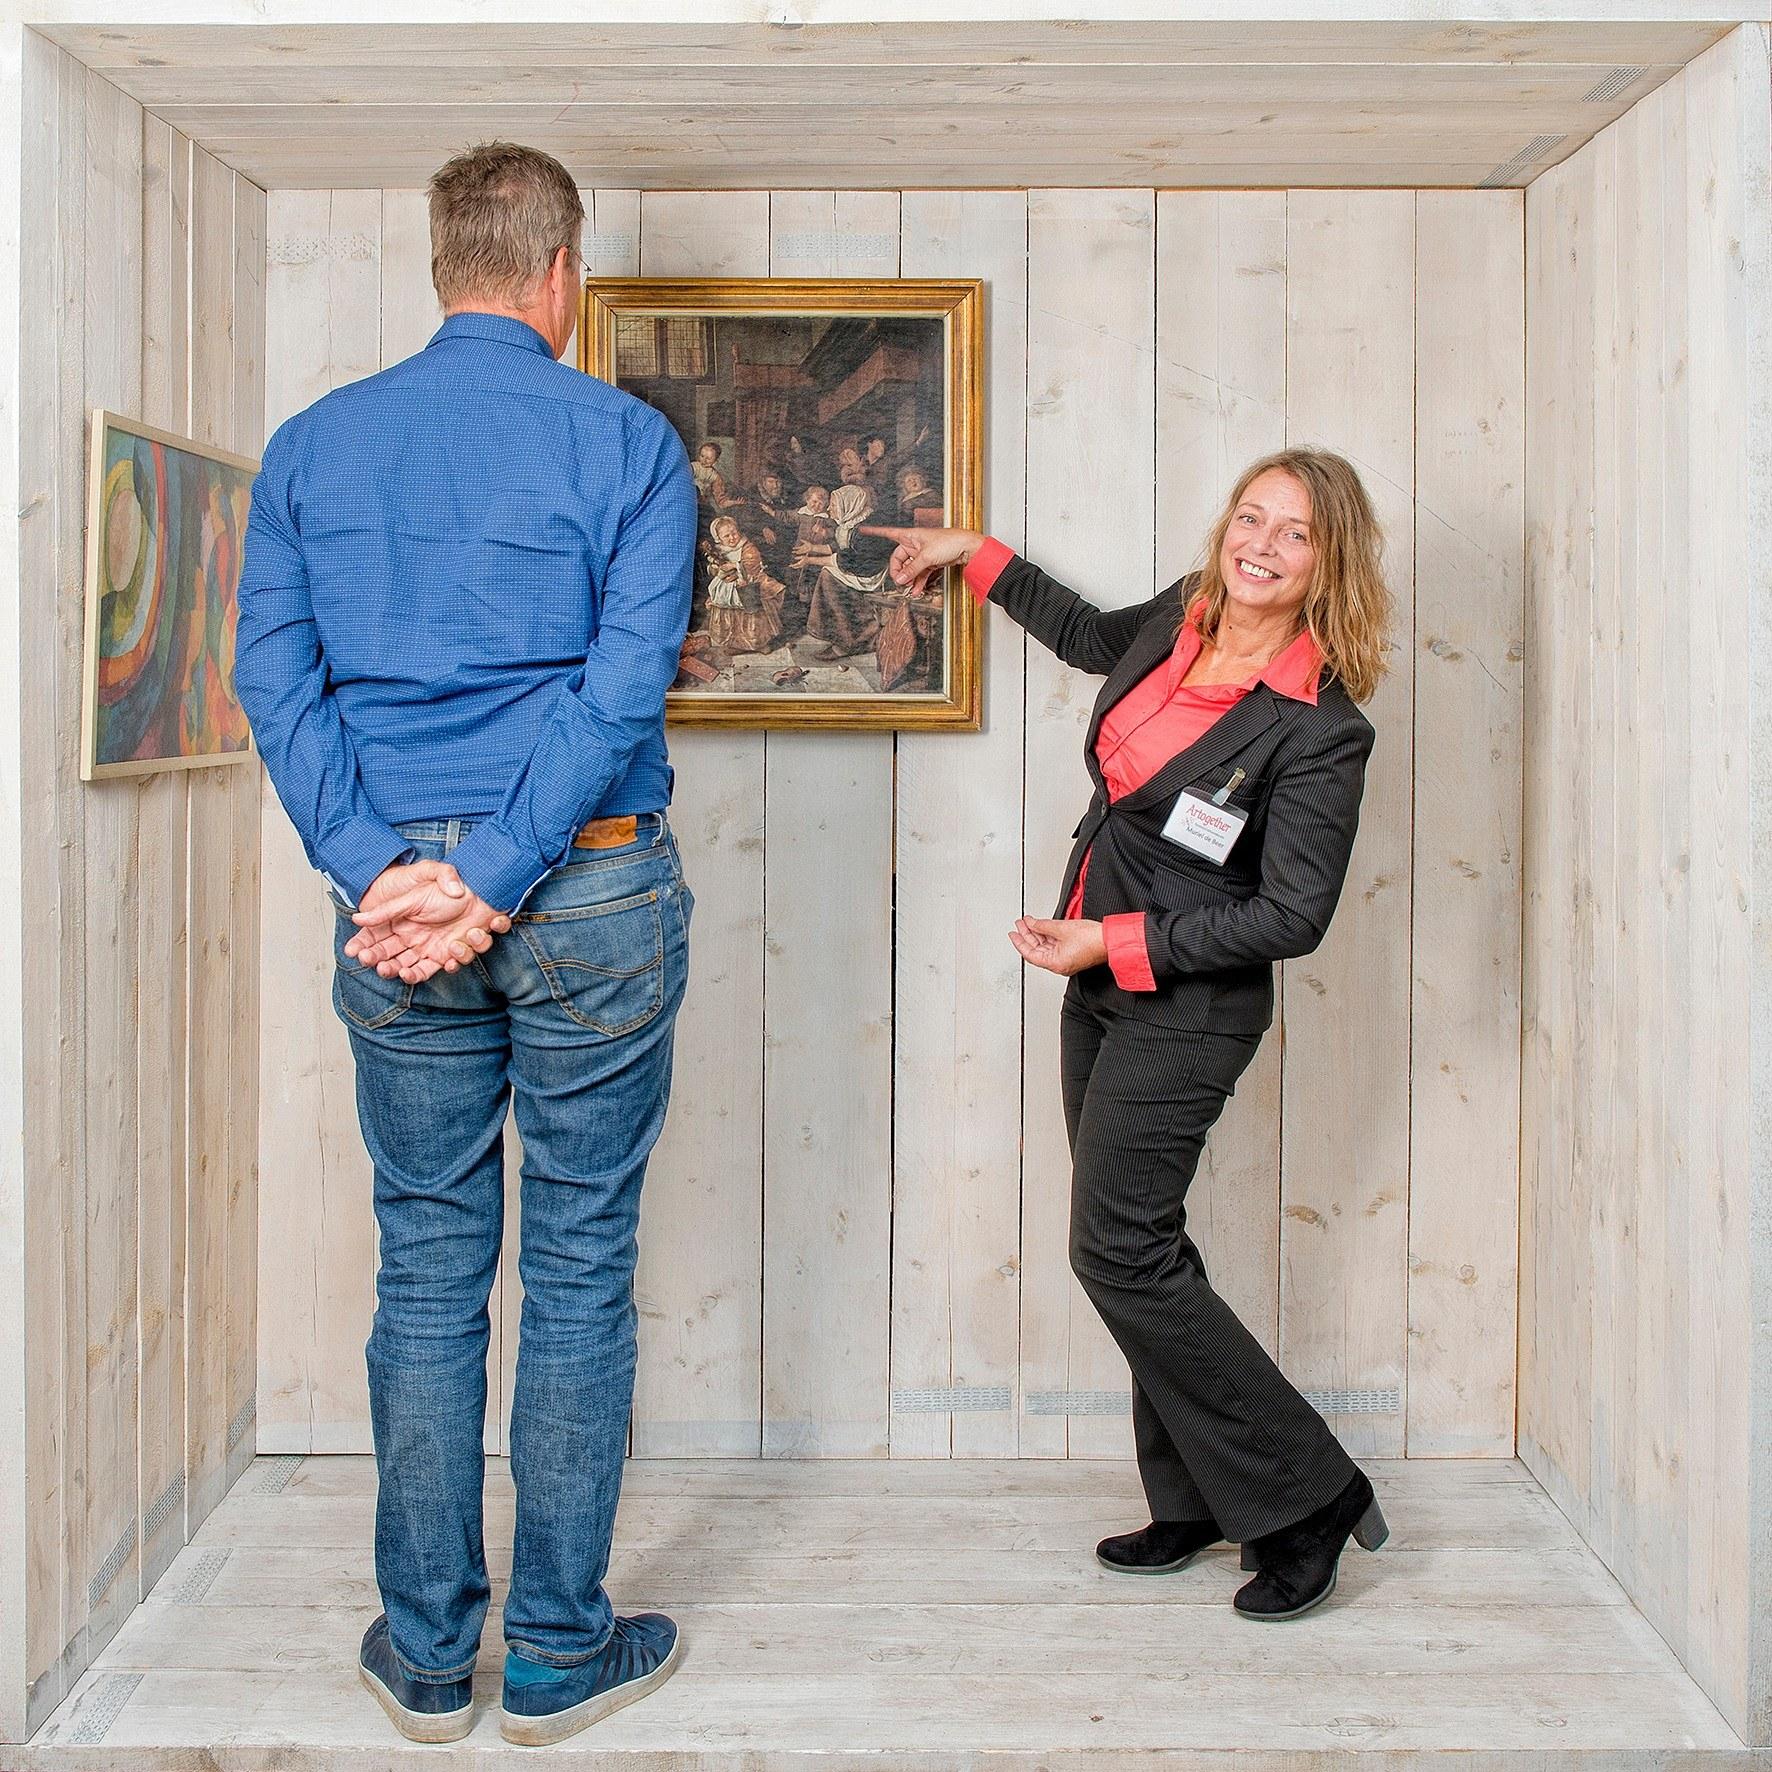 Muriel beer coronacrisis gijzelt kunsthistorica droom uitkomen